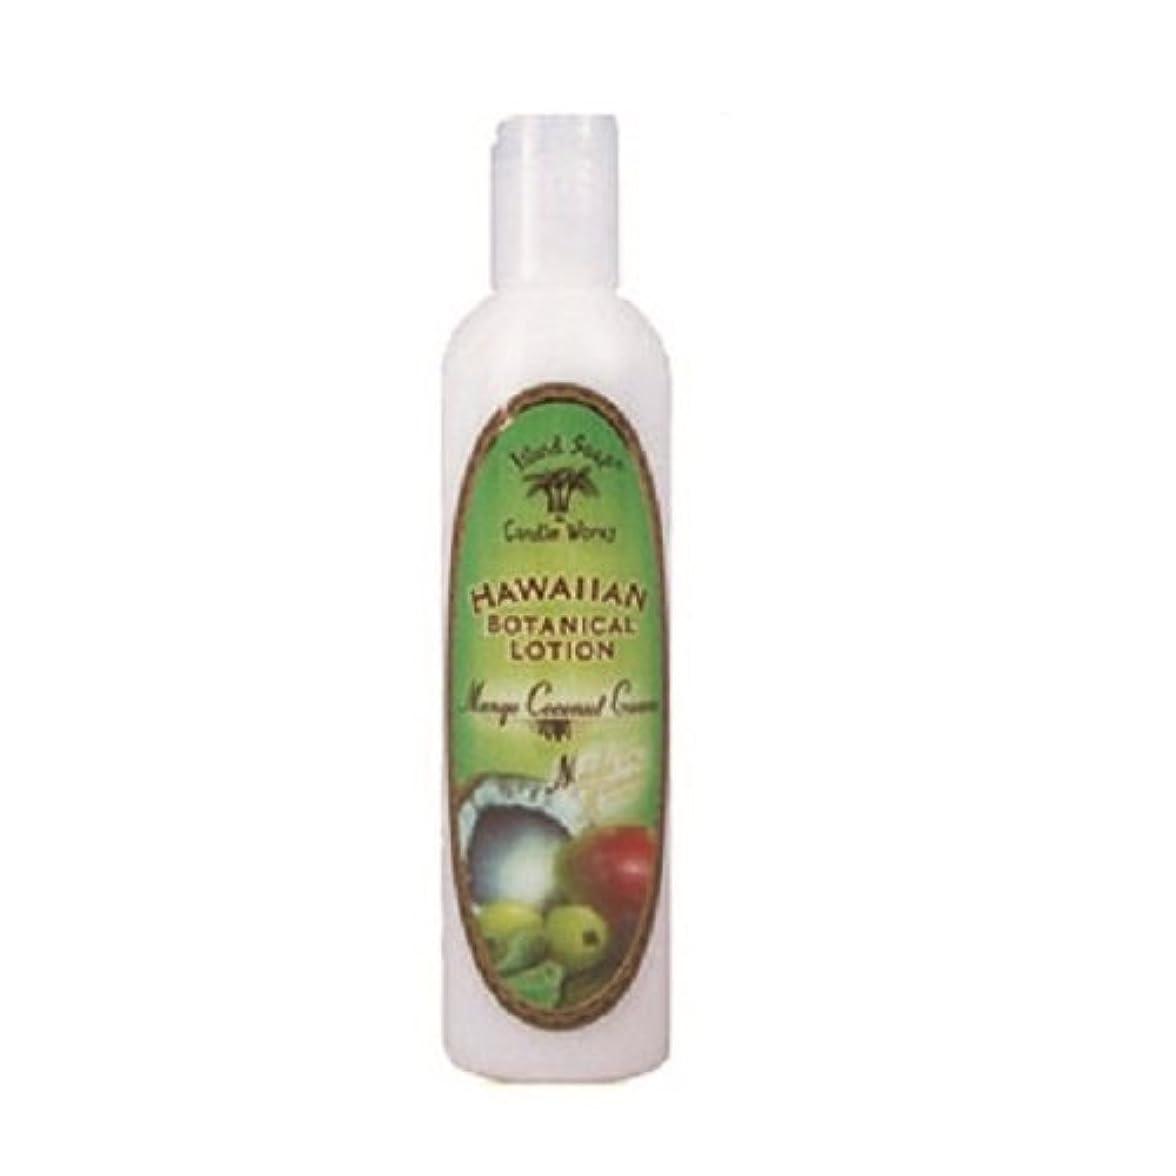 スリムエール散らすトロピカルローション 8.5ozマンゴココナッツ